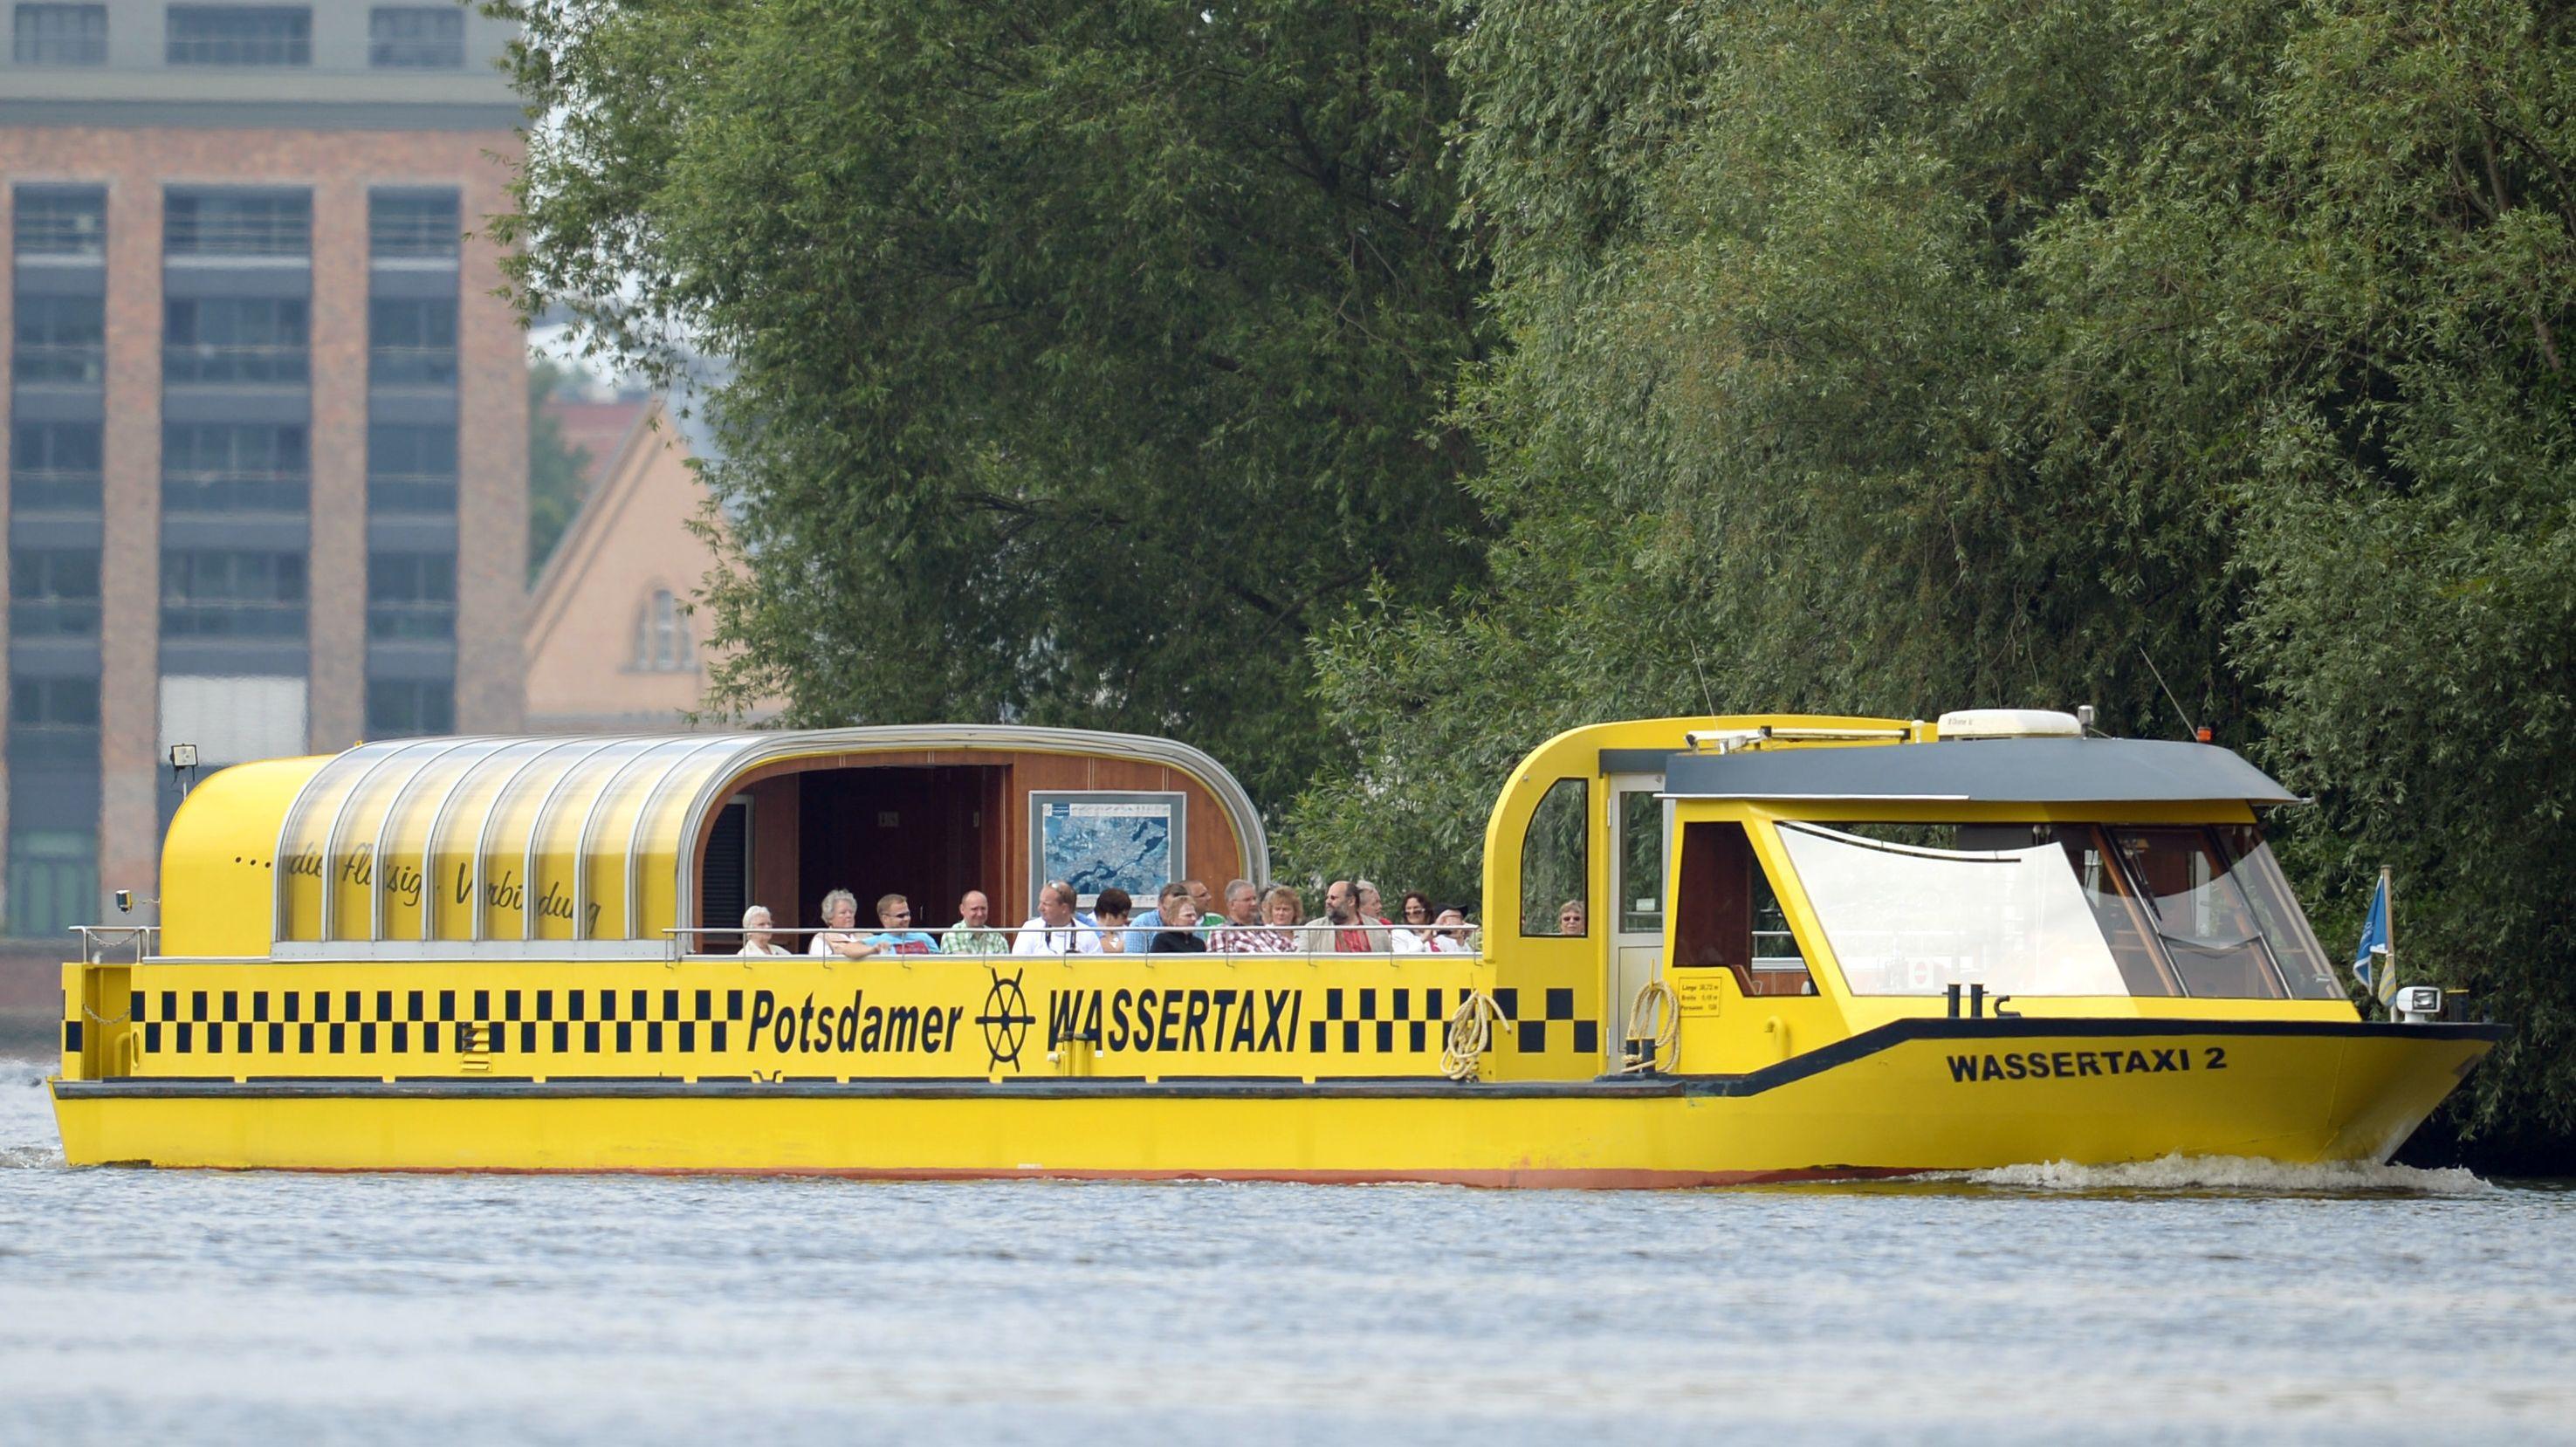 Ein Wassertaxi auf der Havel bei Potsdam